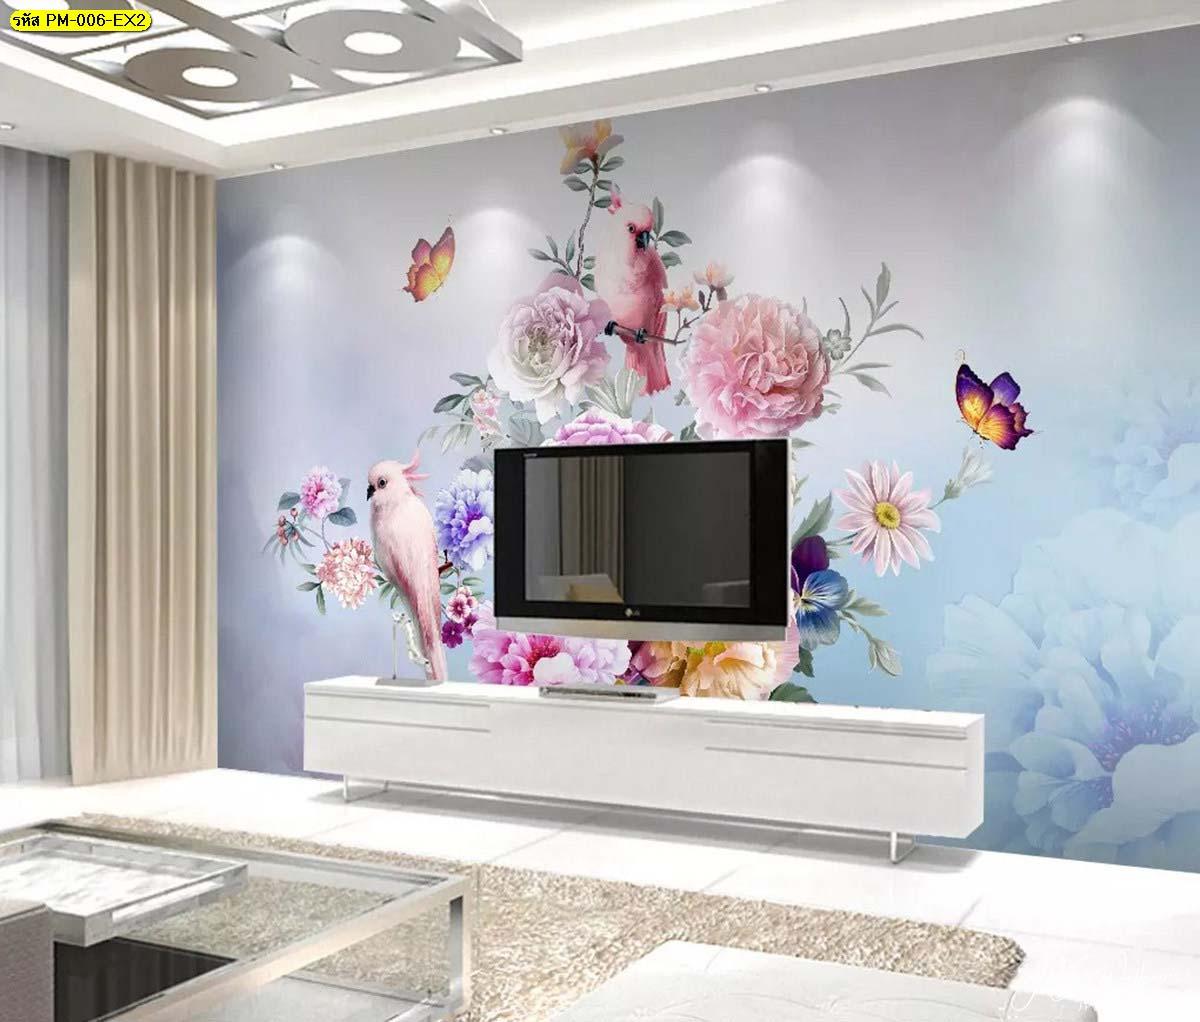 ห้องนั่งเล่นกลางบ้าน ตกแต่งผนังหลังทีวีวอลเปเปอร์ลายธรรมชาติสวนดอกไม้สไตล์อังกฤษ